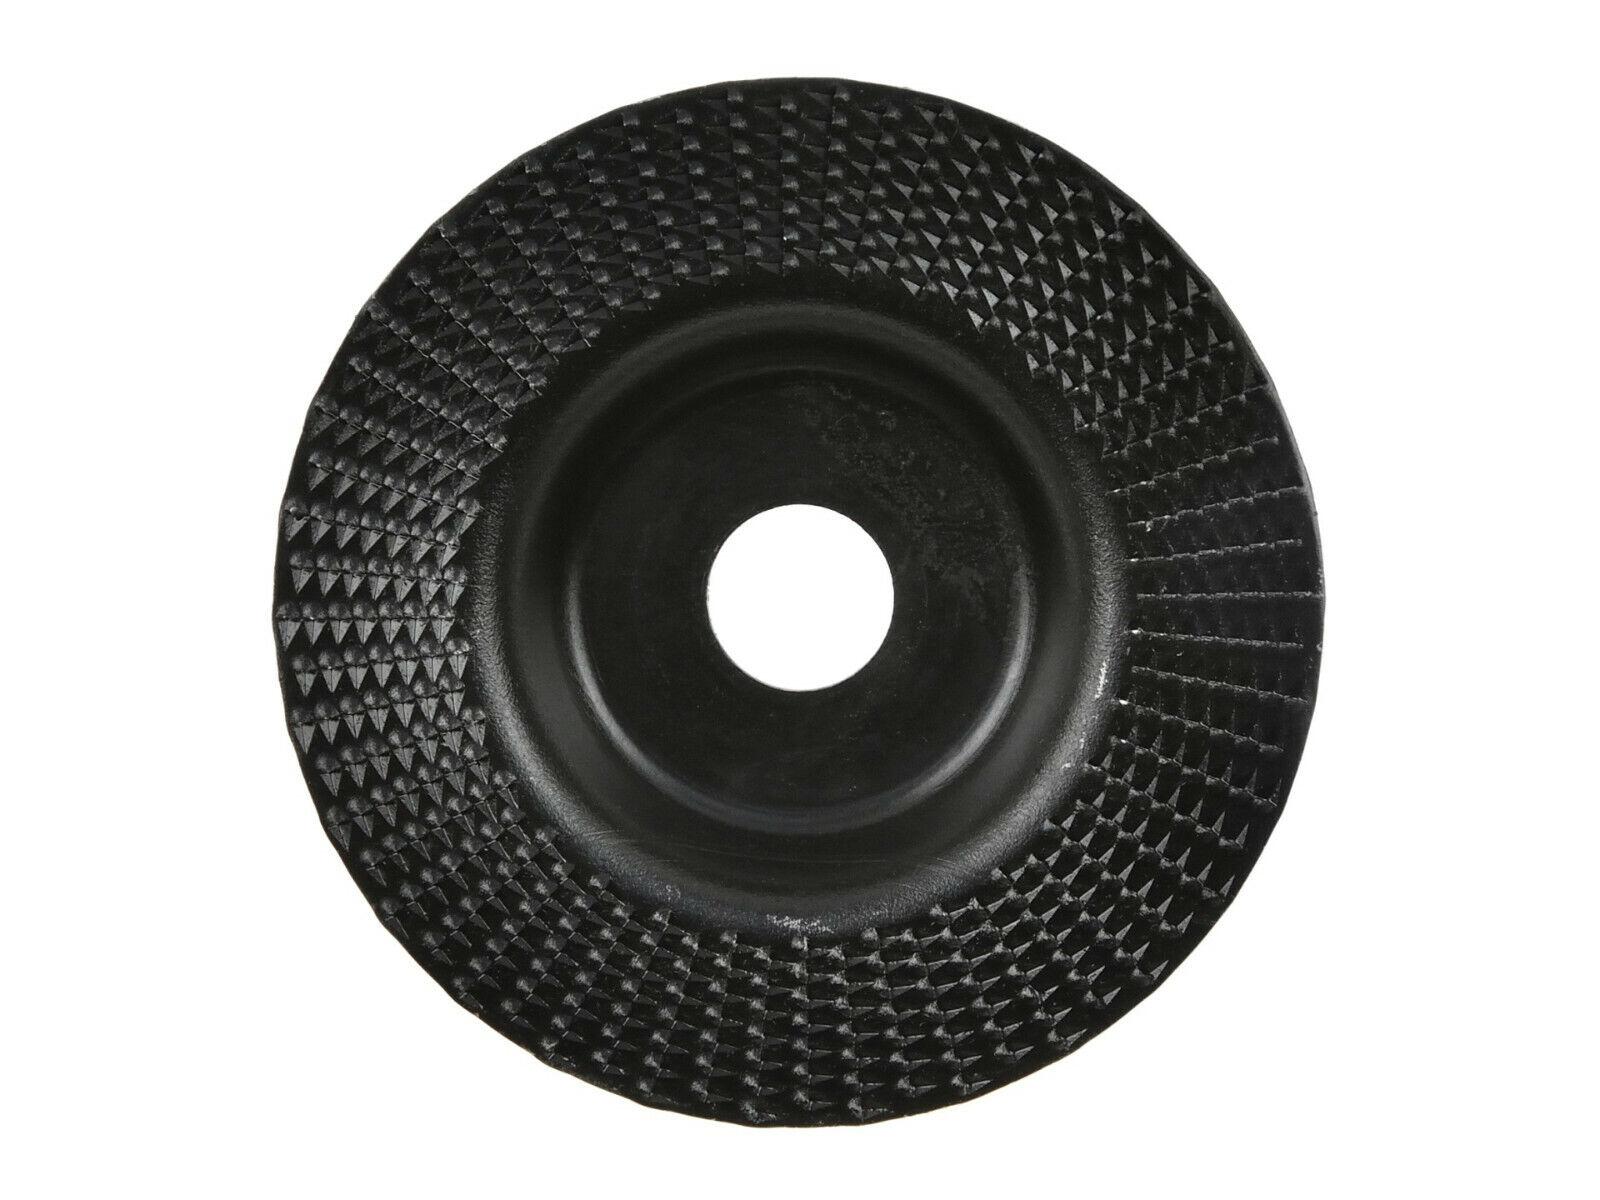 Schleifscheibe für Holz G78110 Flexscheibe 125mm Raspelscheibe Winkelschleifer